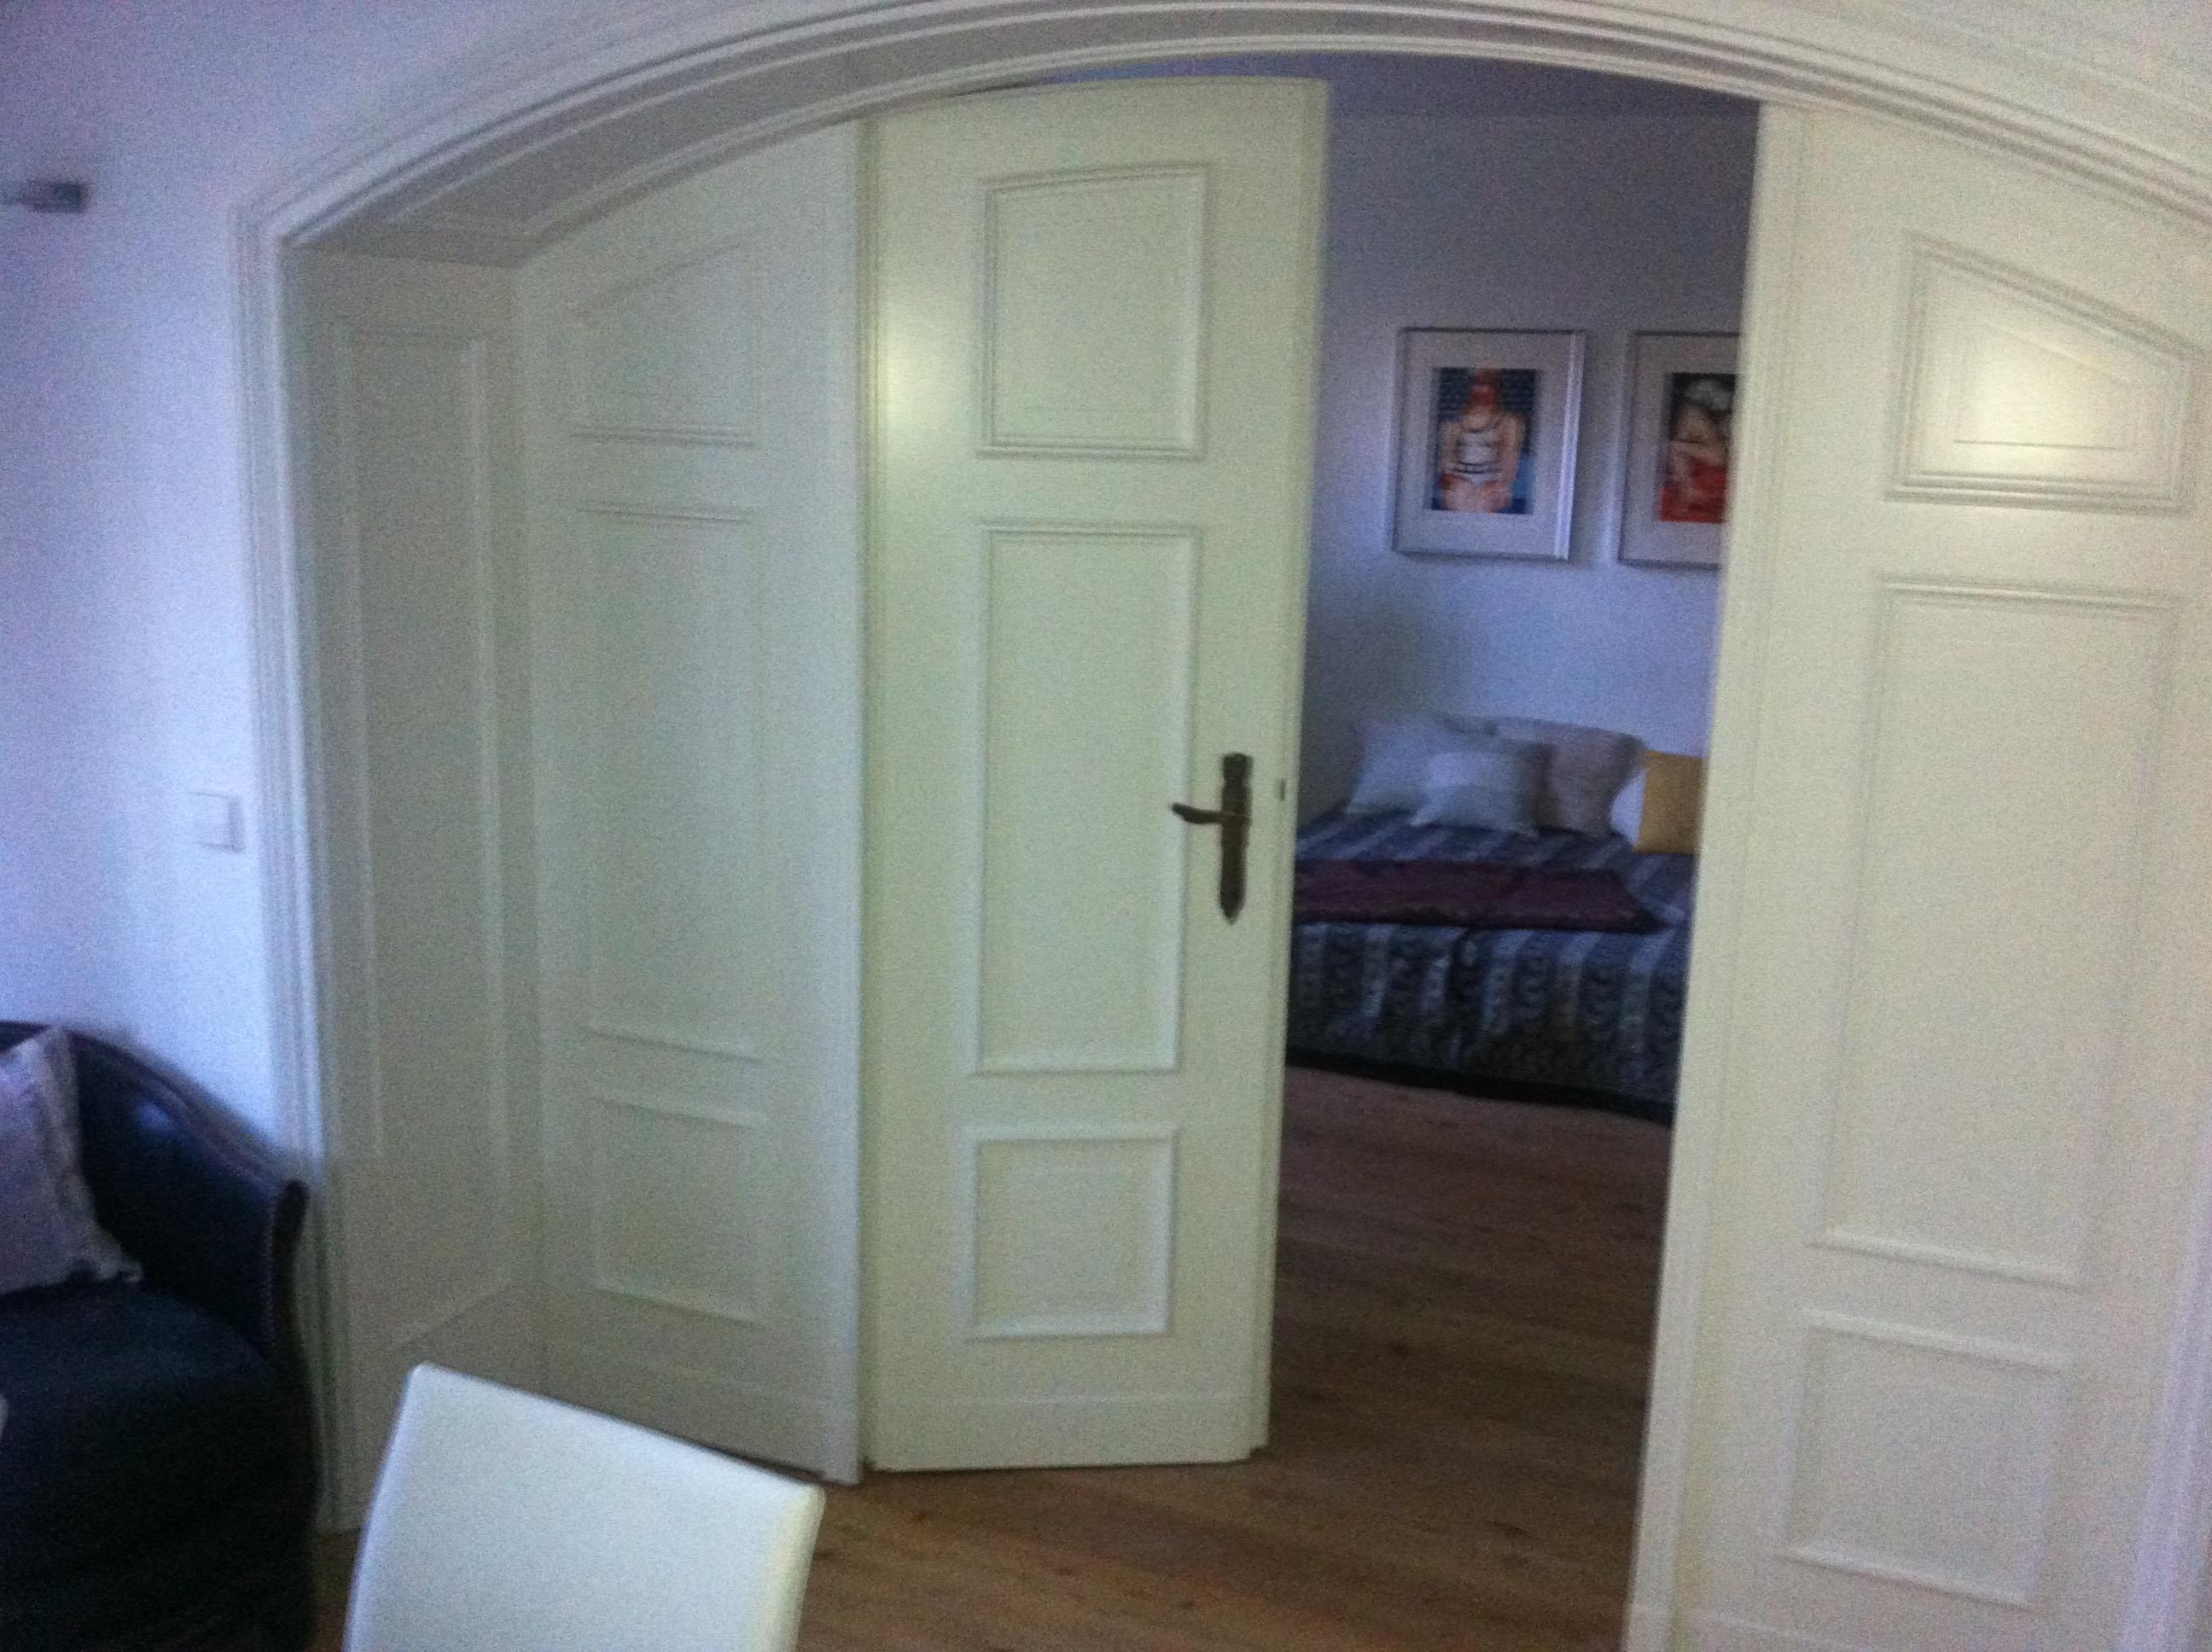 turen fertigung lieferung und montage durch tischlerei janssen in berlin. Black Bedroom Furniture Sets. Home Design Ideas